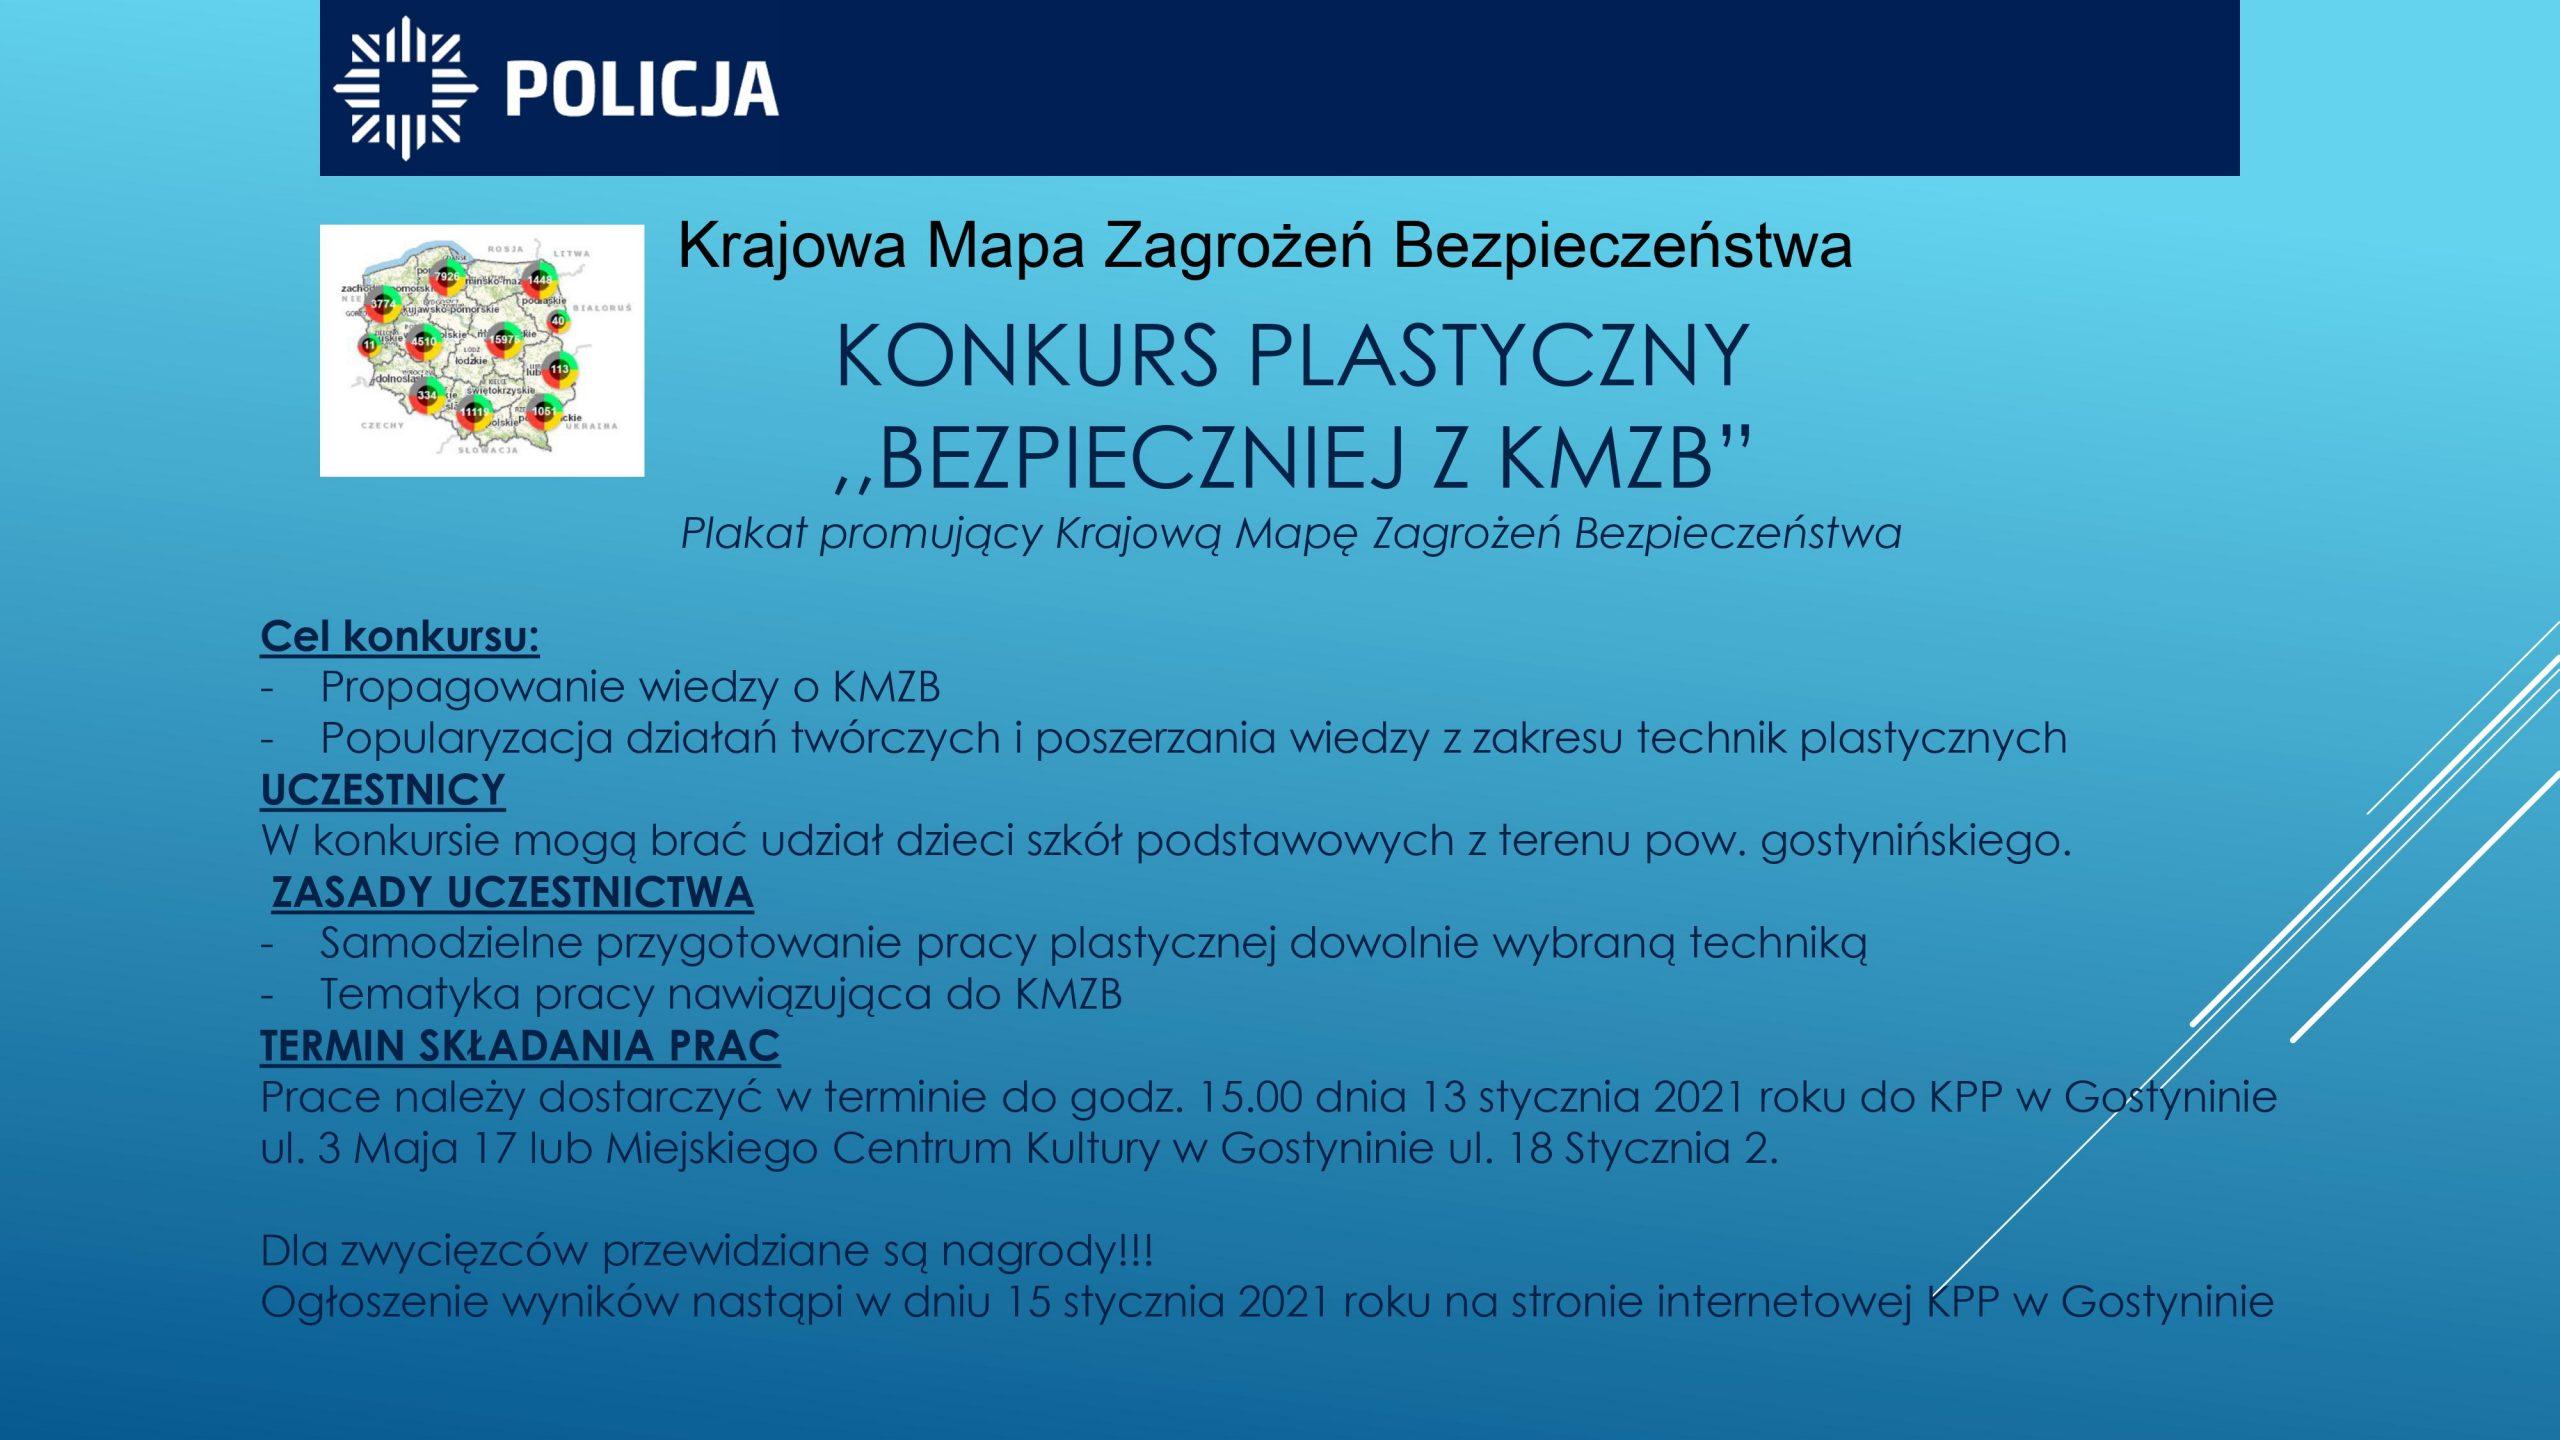 """Konkurs plastyczny """"BEZPIECZNIEJ Z KMZB"""""""